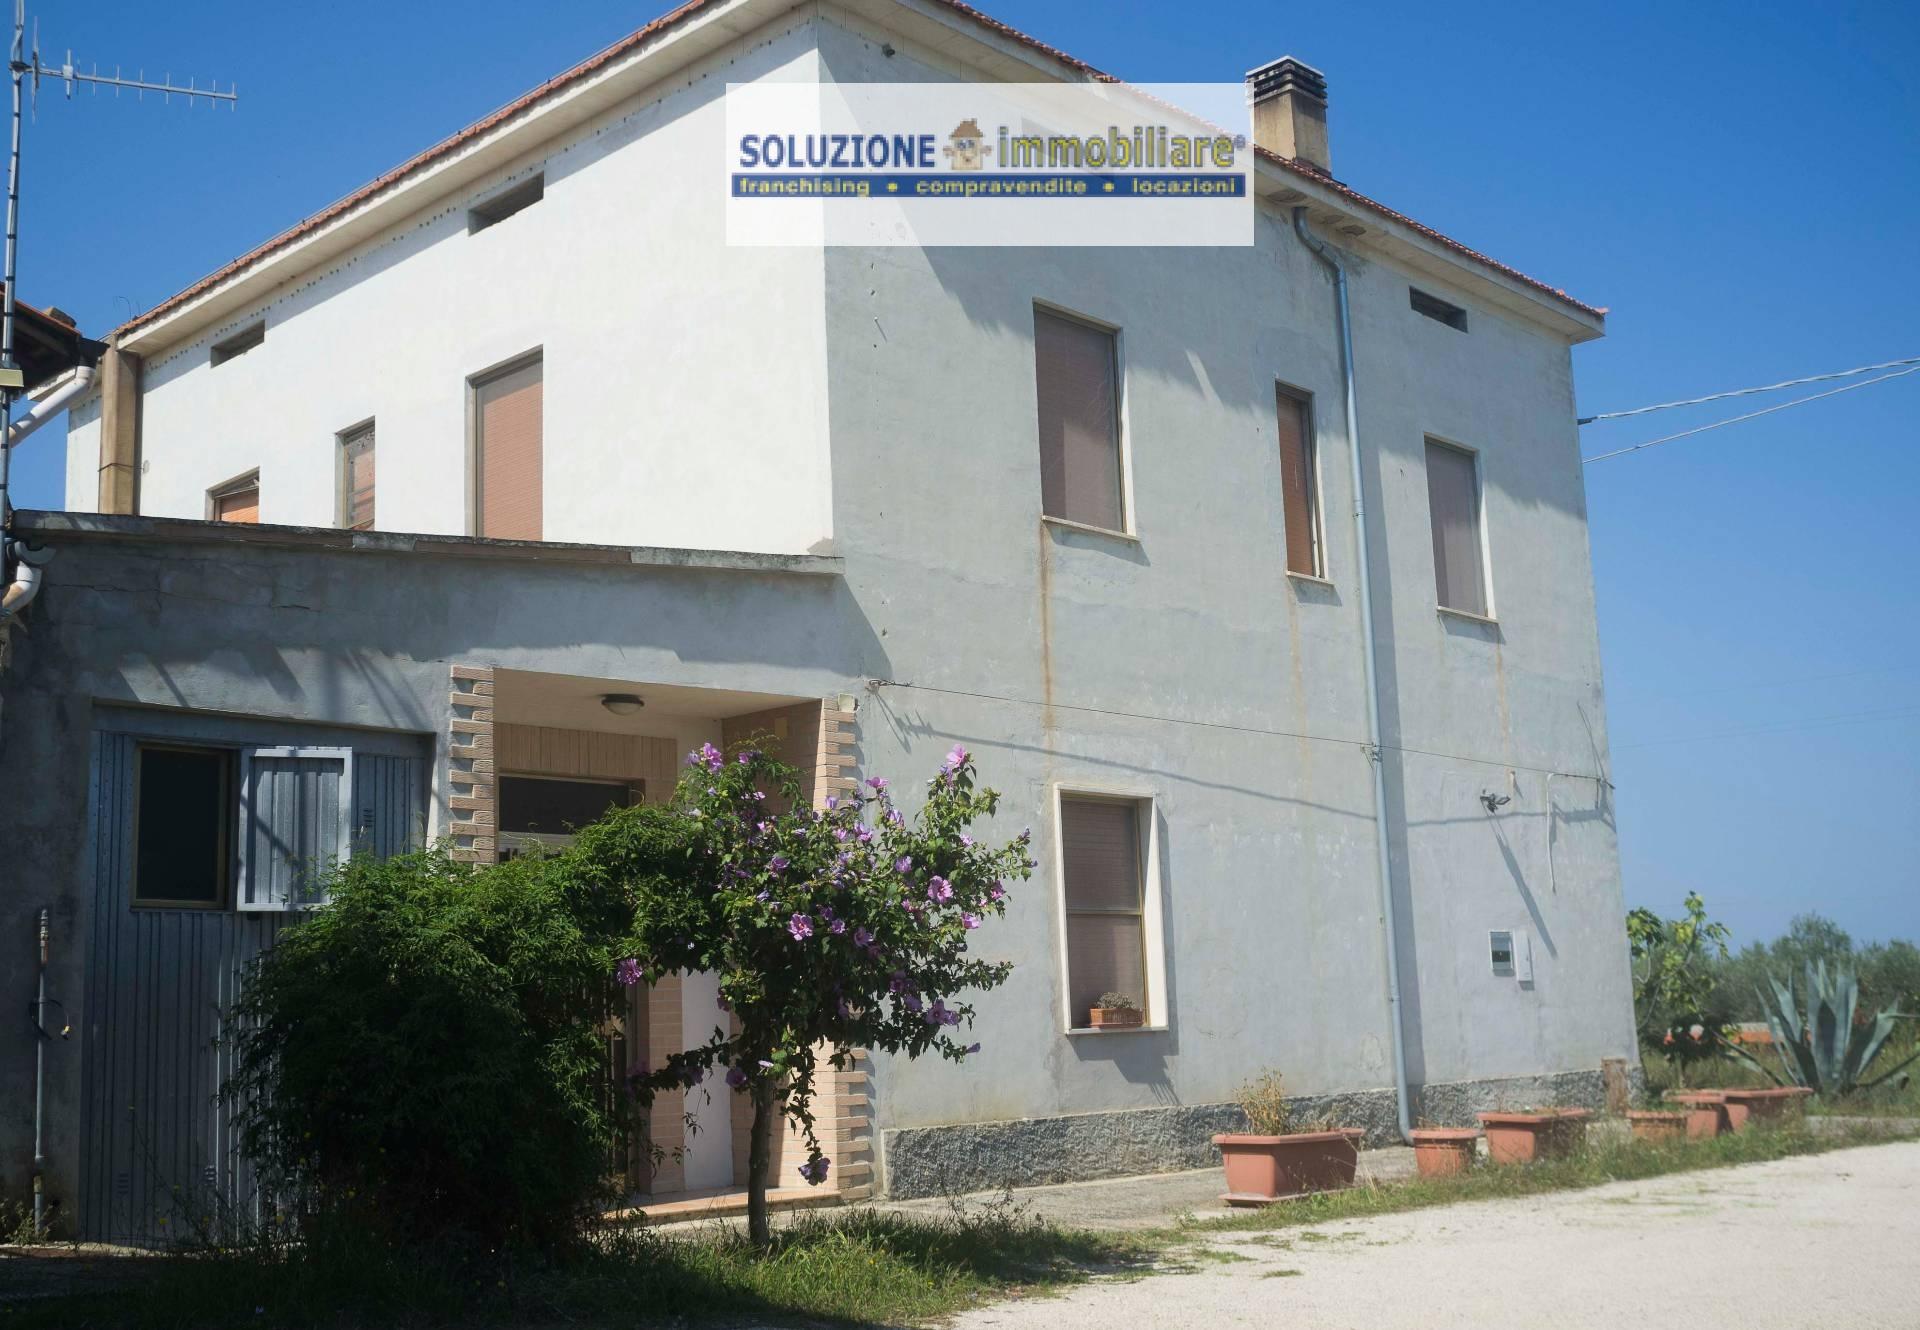 Appartamento in vendita a Torrevecchia Teatina, 10 locali, prezzo € 130.000 | CambioCasa.it